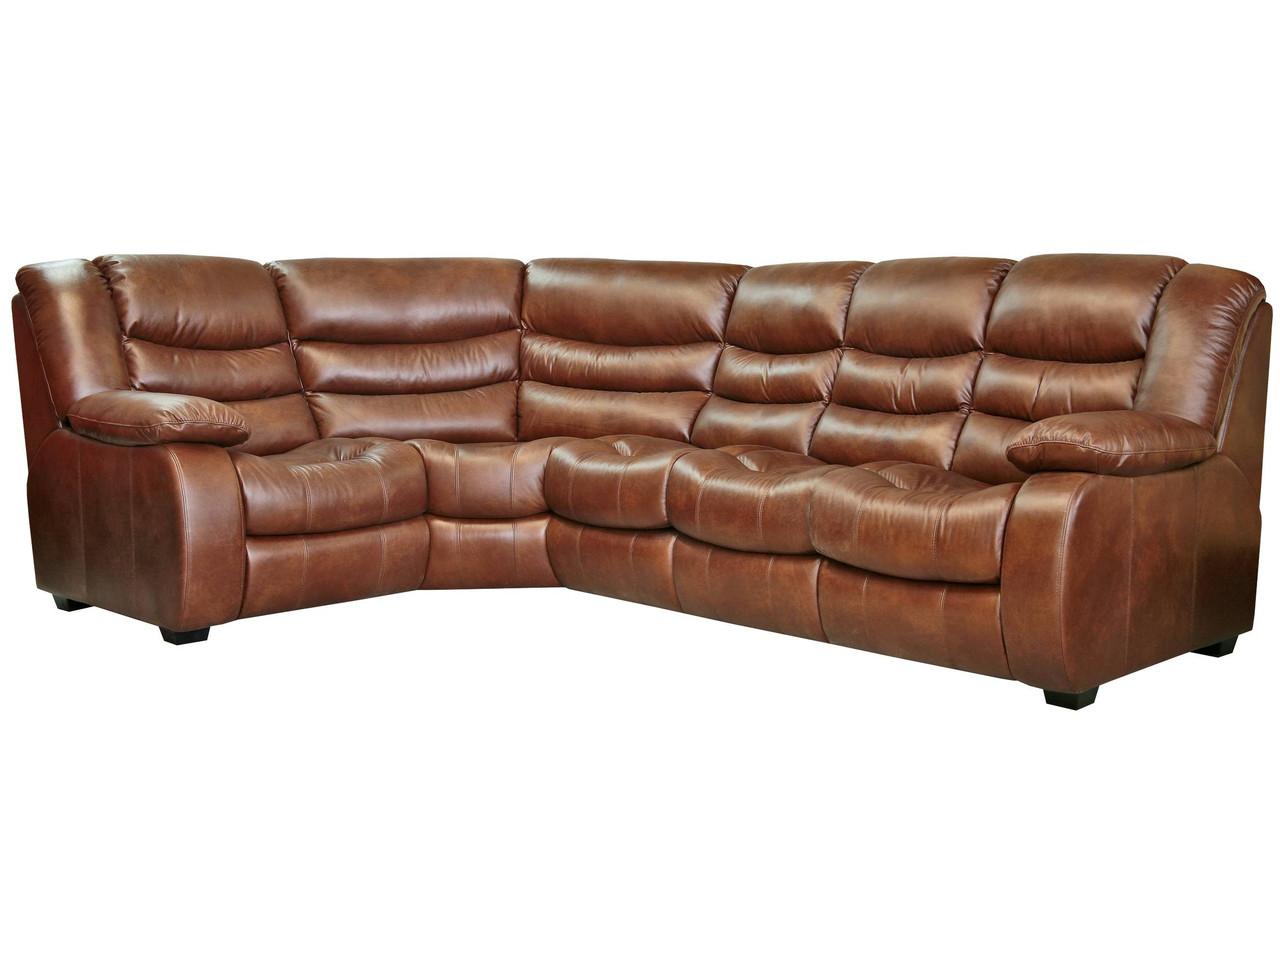 Кожаный диван Манхэттен, не раскладной диван, мягкий диван, мебель из кожи, диван